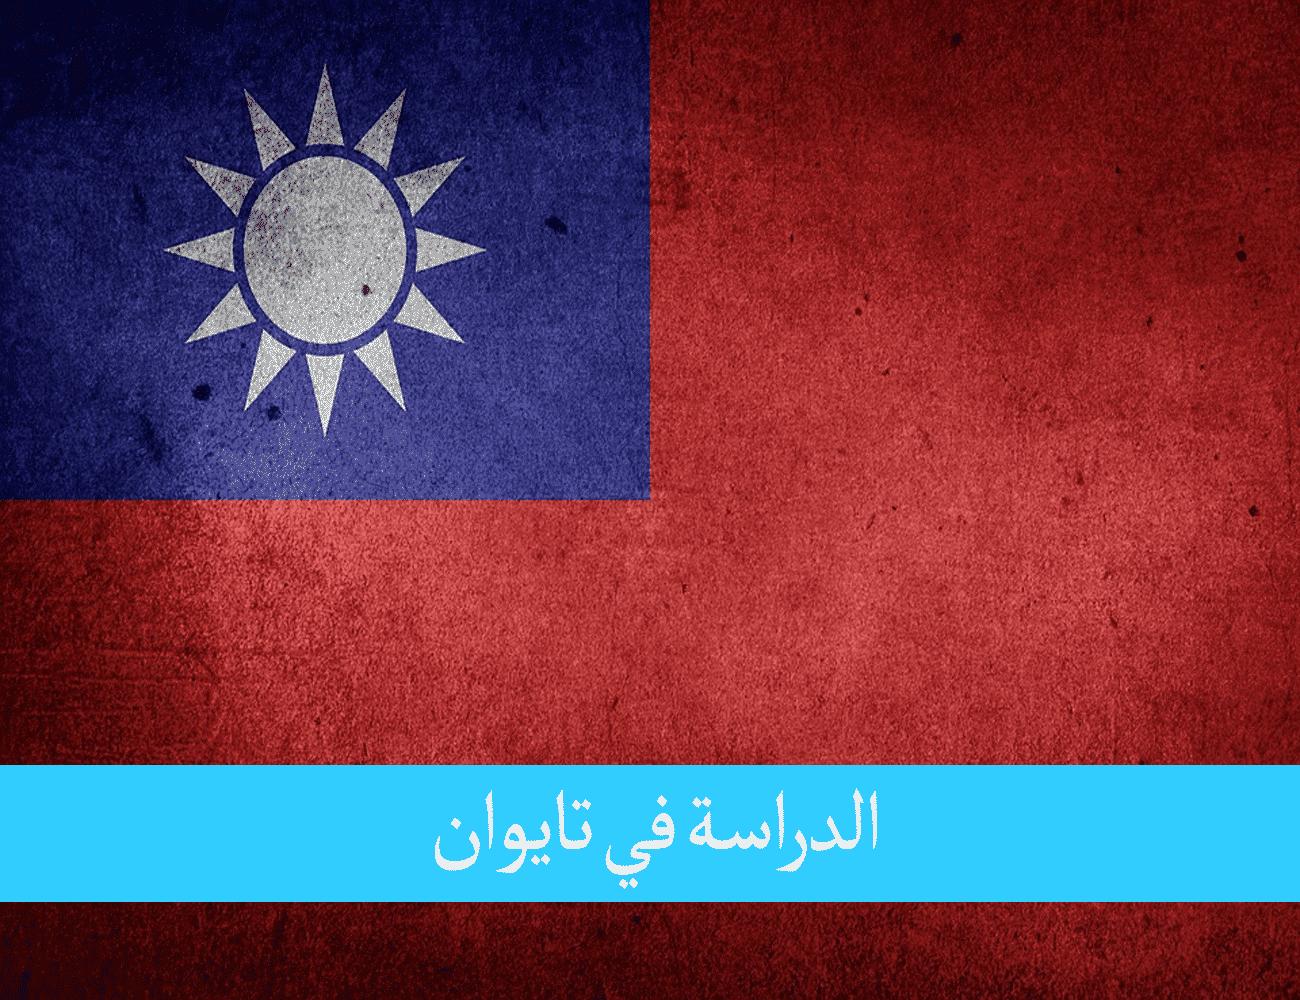 الدراسة في تايوان للمغاربة نمر آسيا في الصناعات التنكولوجية القوية